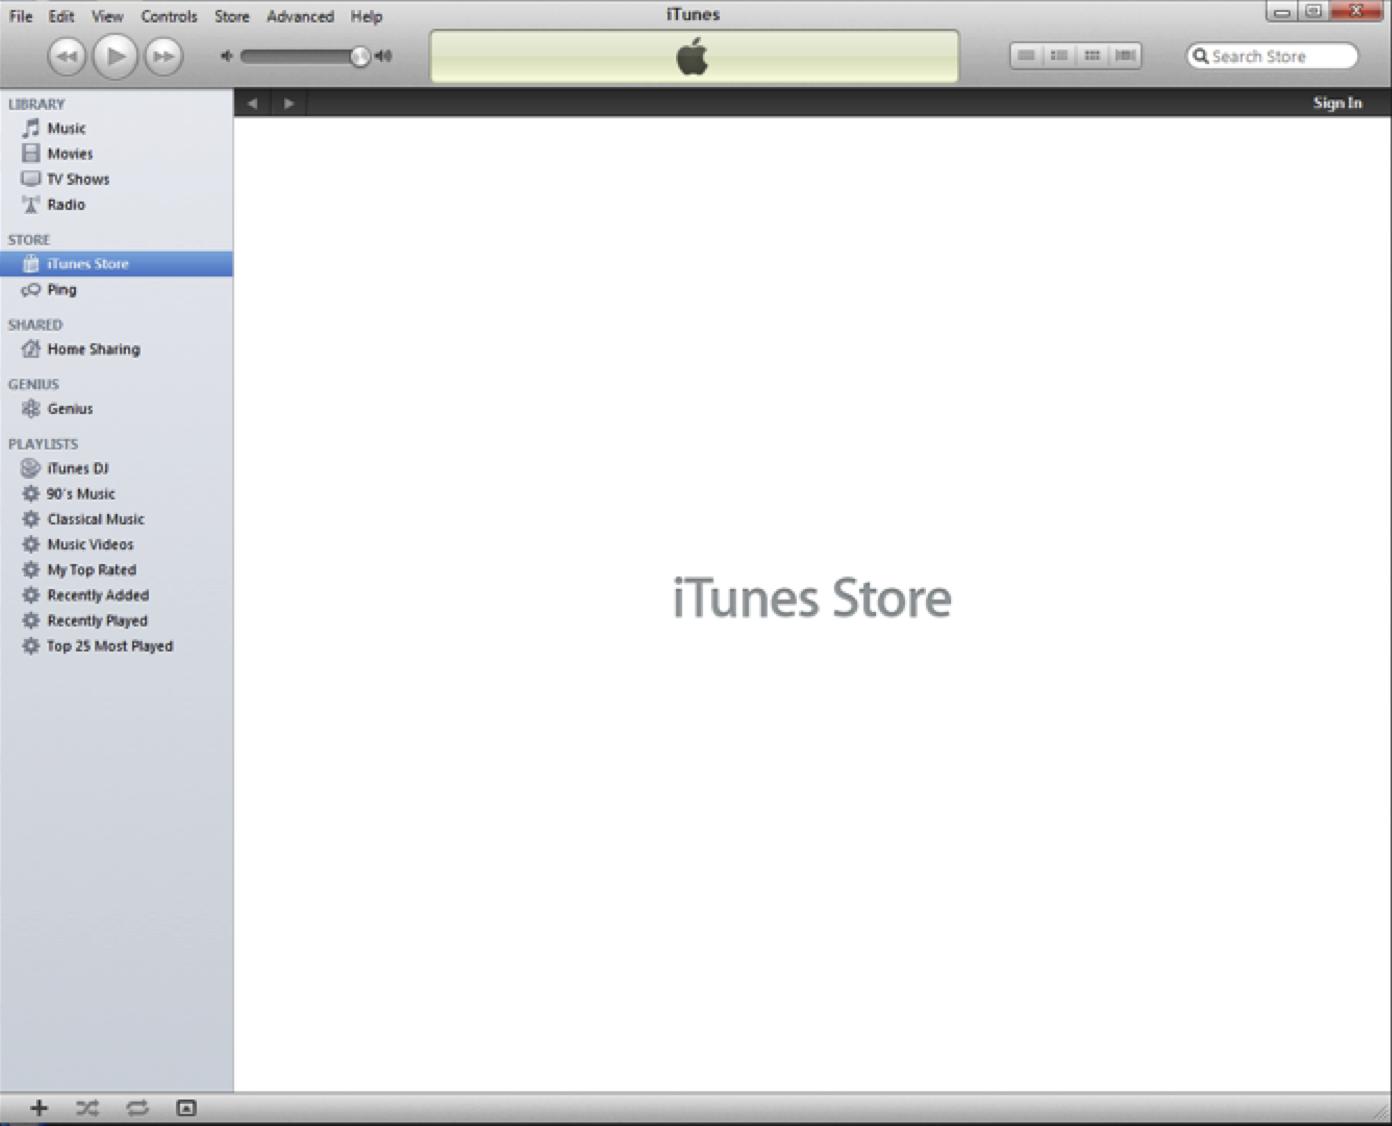 La tienda iTunes Store no se carga debido a una modificación de Windows